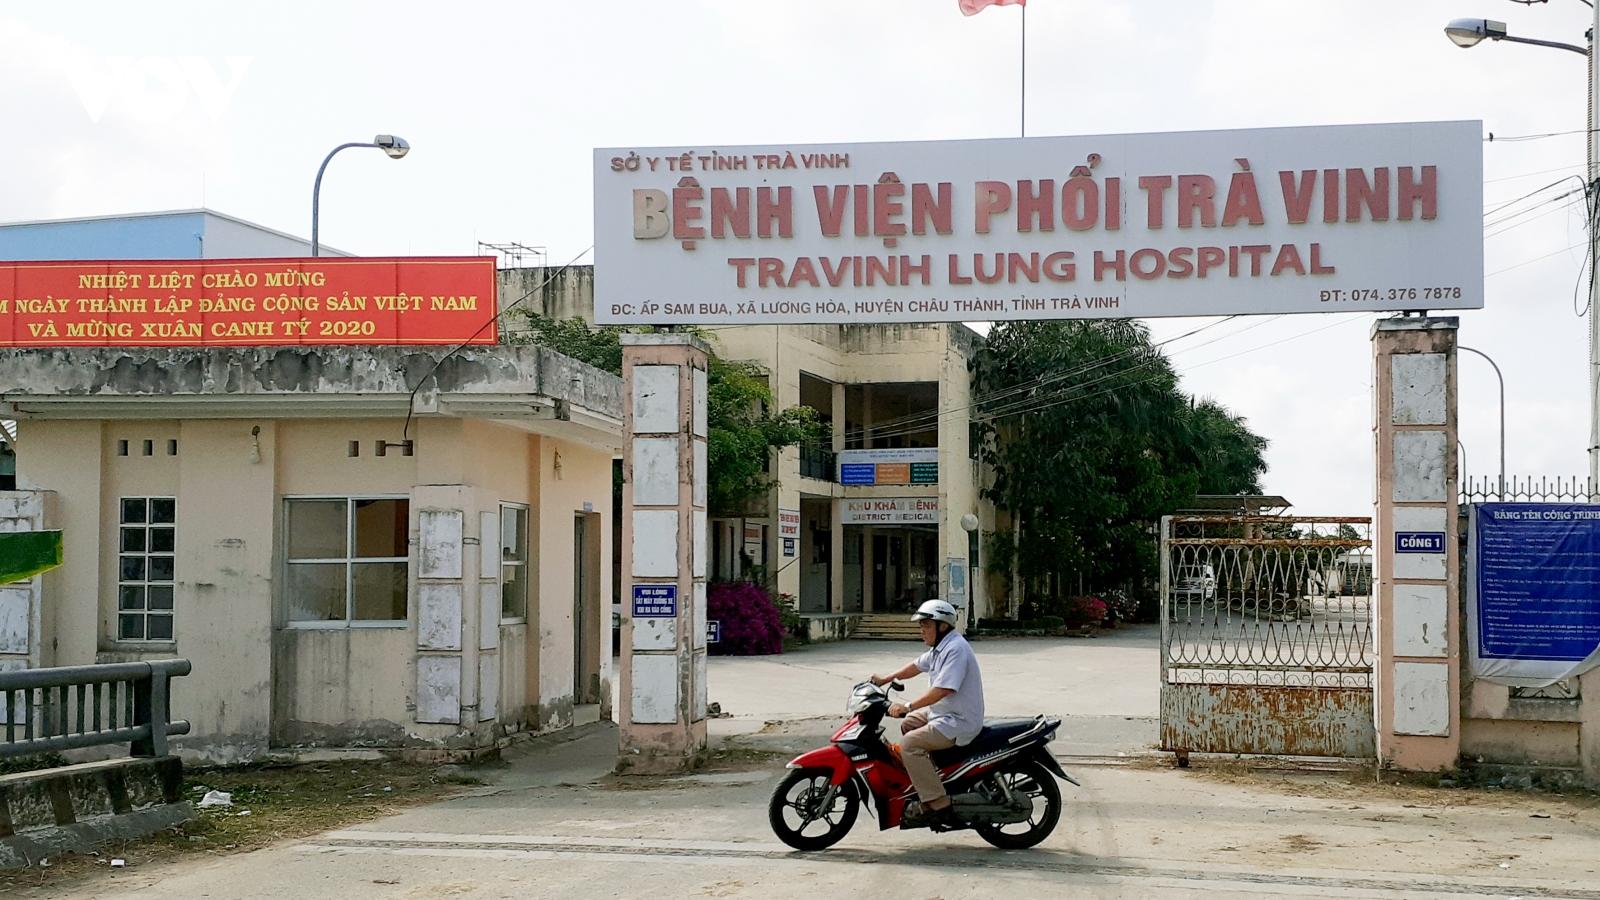 2 trường hợp bỏ trốn ở Trà Vinh đã được đưa trở lại khu cách ly và đã lấy mẫu xét nghiệm